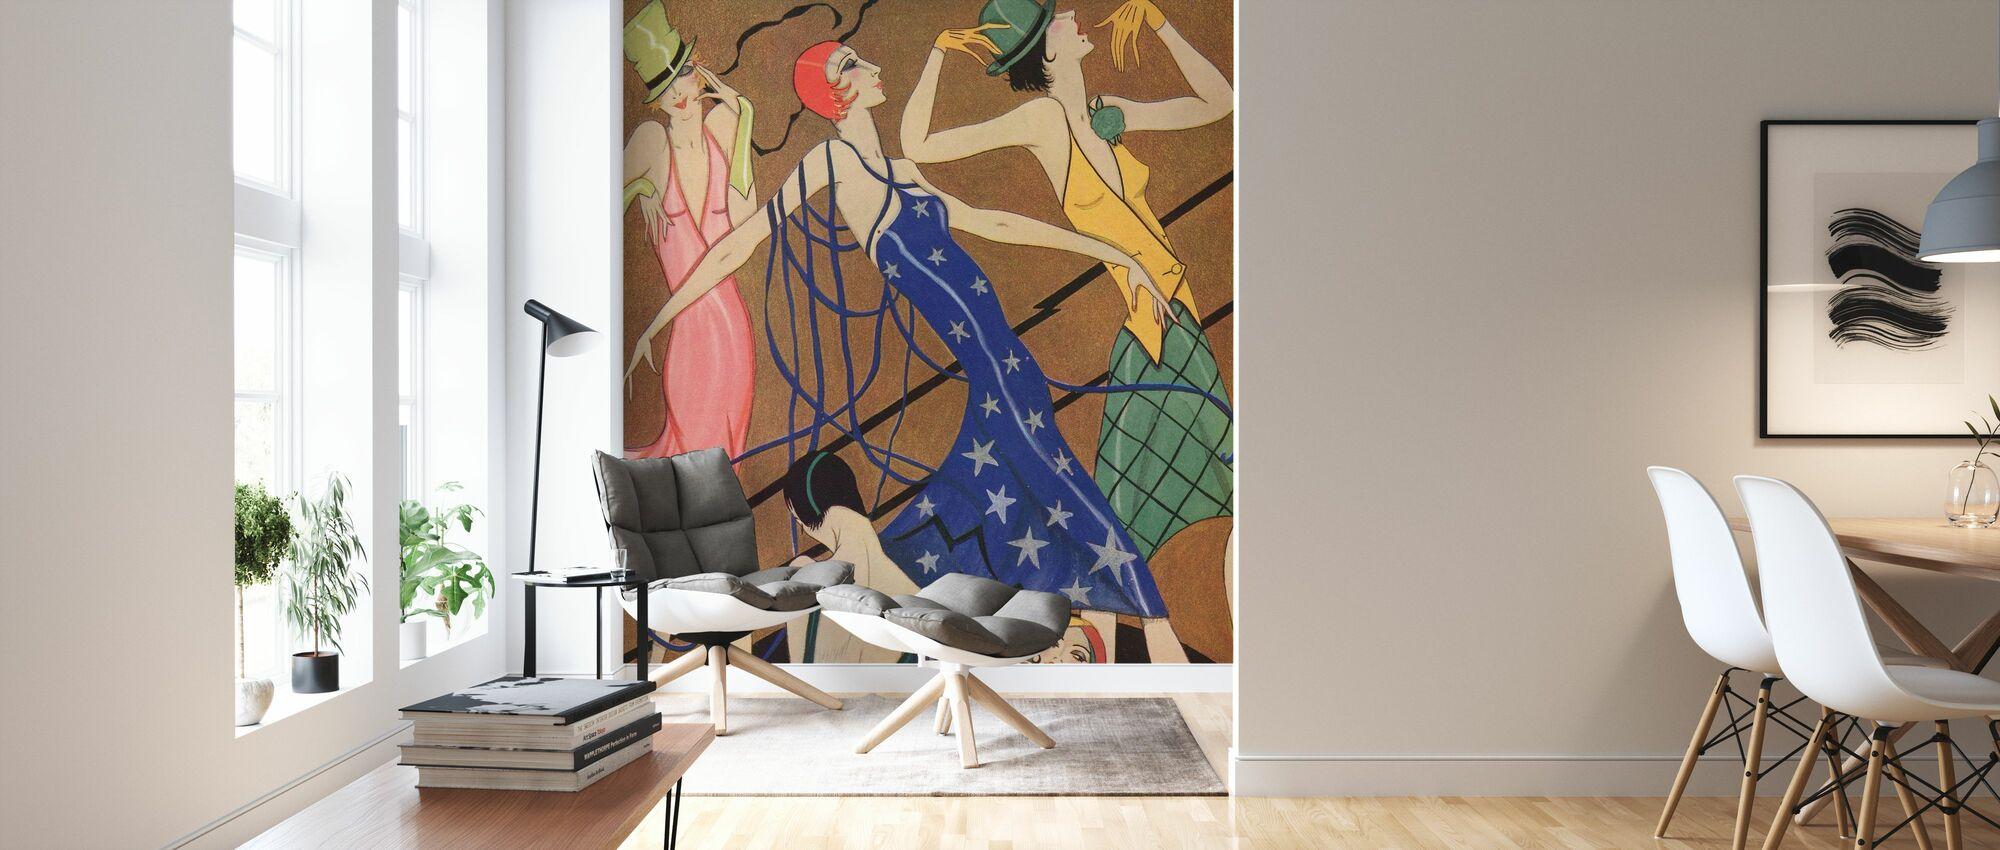 Models in Partykleider, Gordon Conway - Tapete - Wohnzimmer